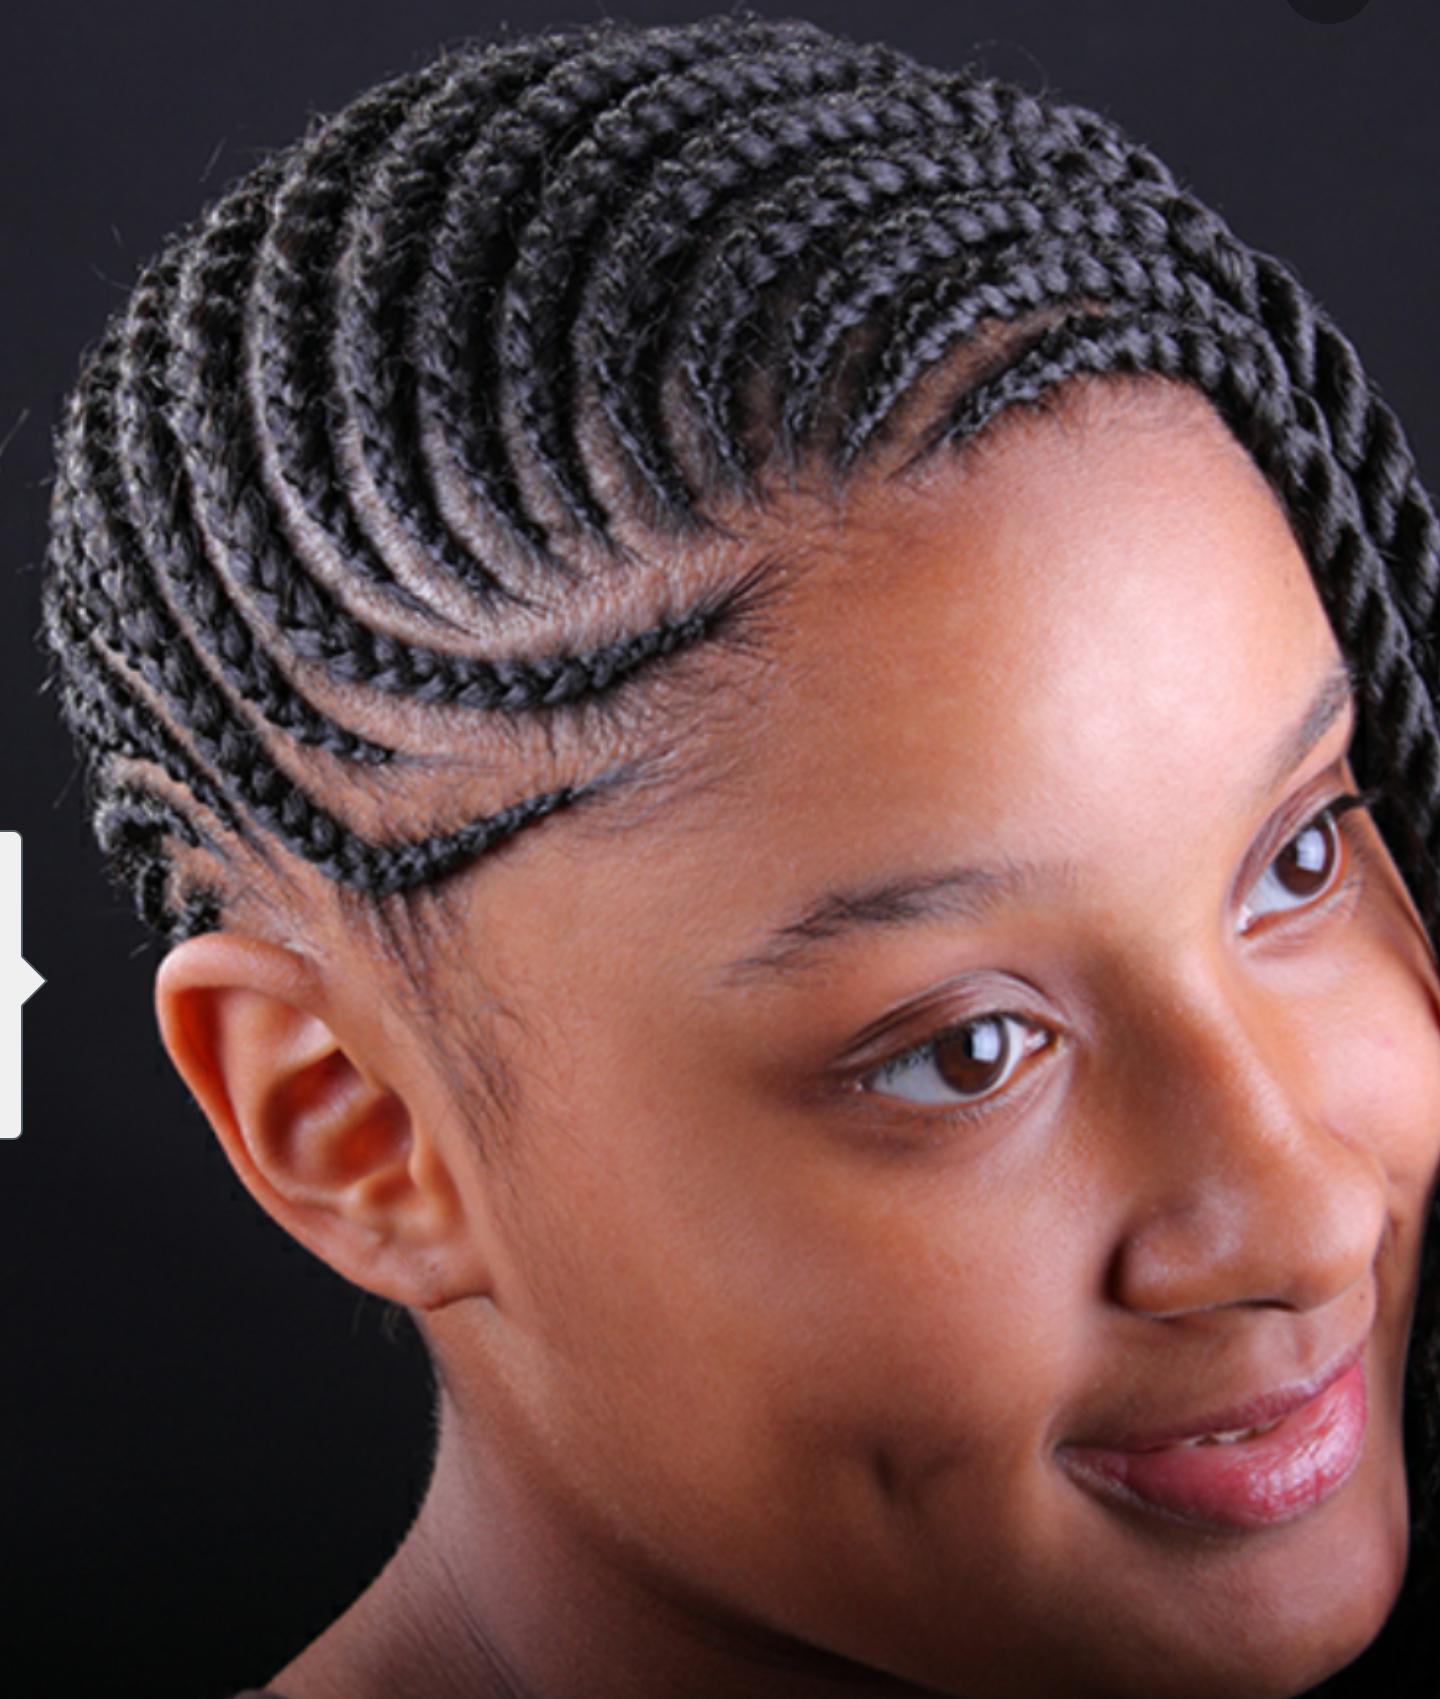 Asam African Hair Braiding Salon 117 E Centerville Rd Garland Tx